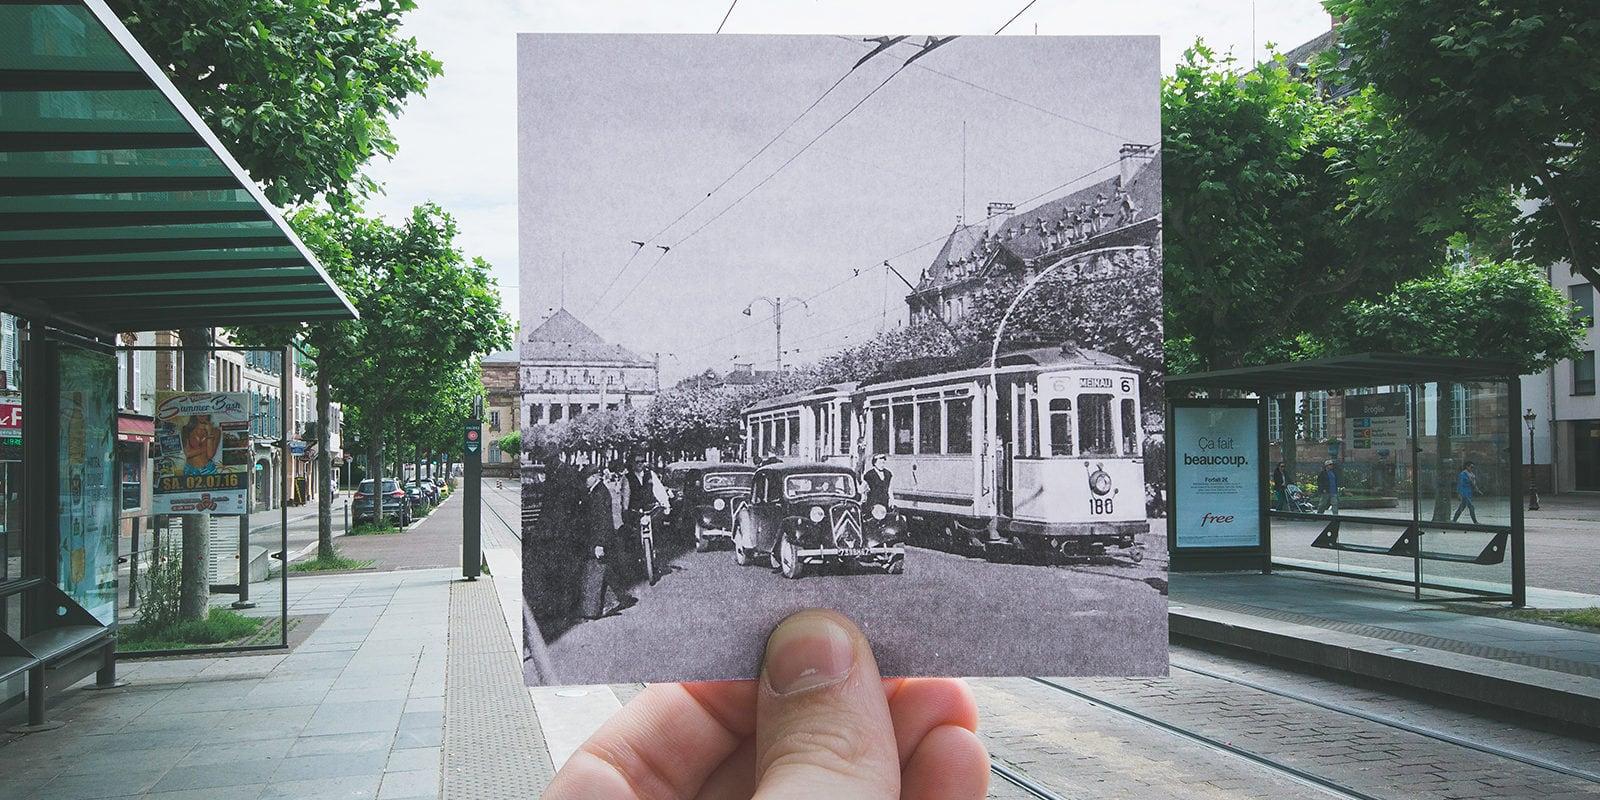 En photos, il met en scène le Strasbourg d'hier et d'aujourd'hui